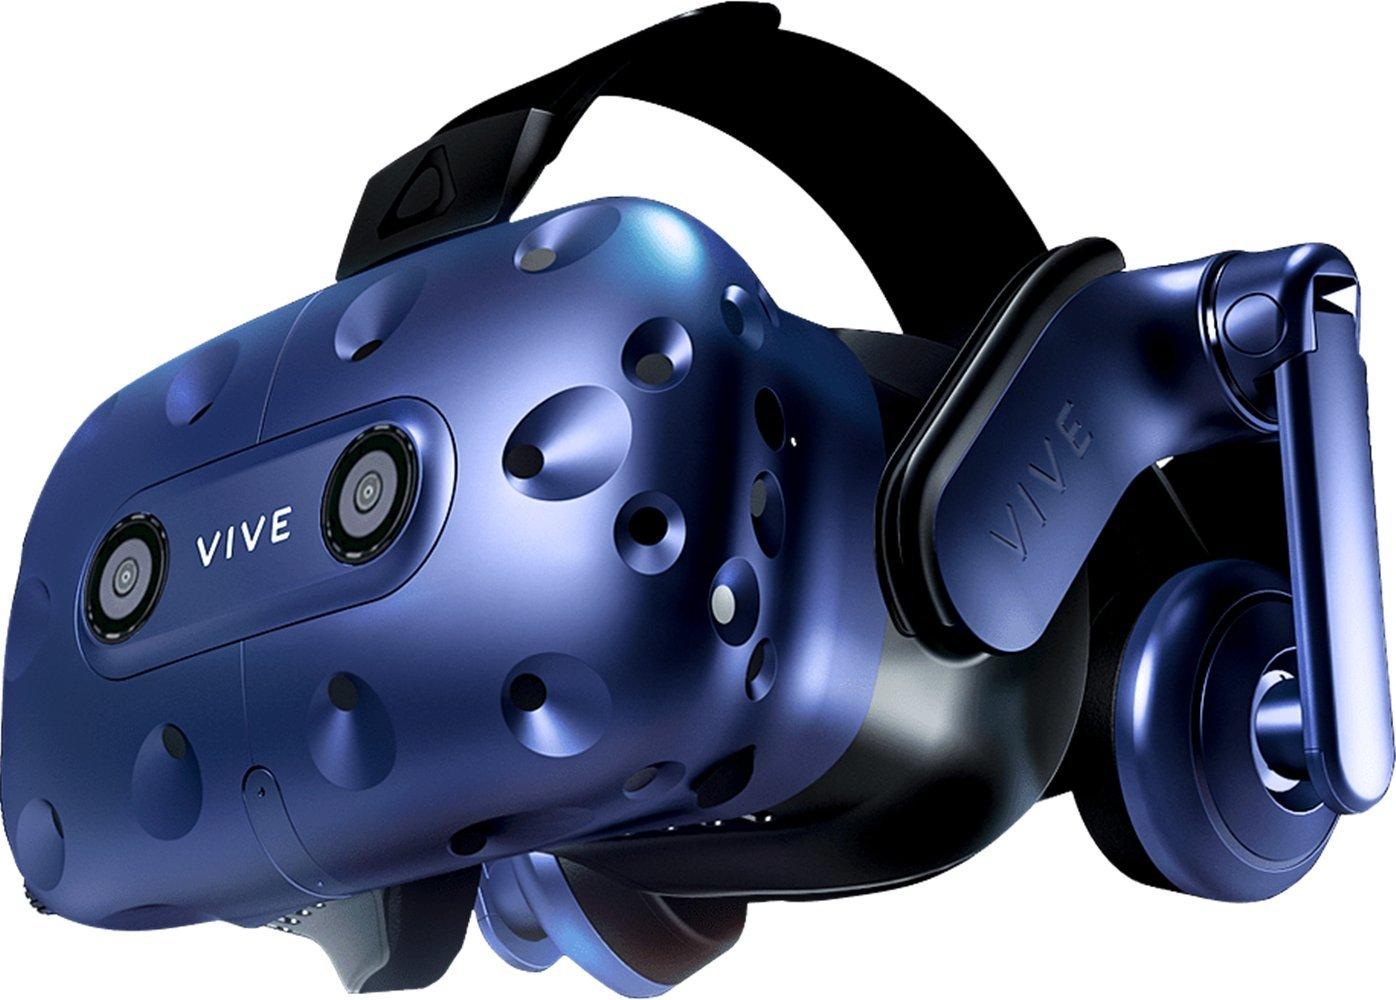 HTC VIVE Pro (2018) Virtual Reality Headset + VIVE Accessory Bundle - European Version by HTC